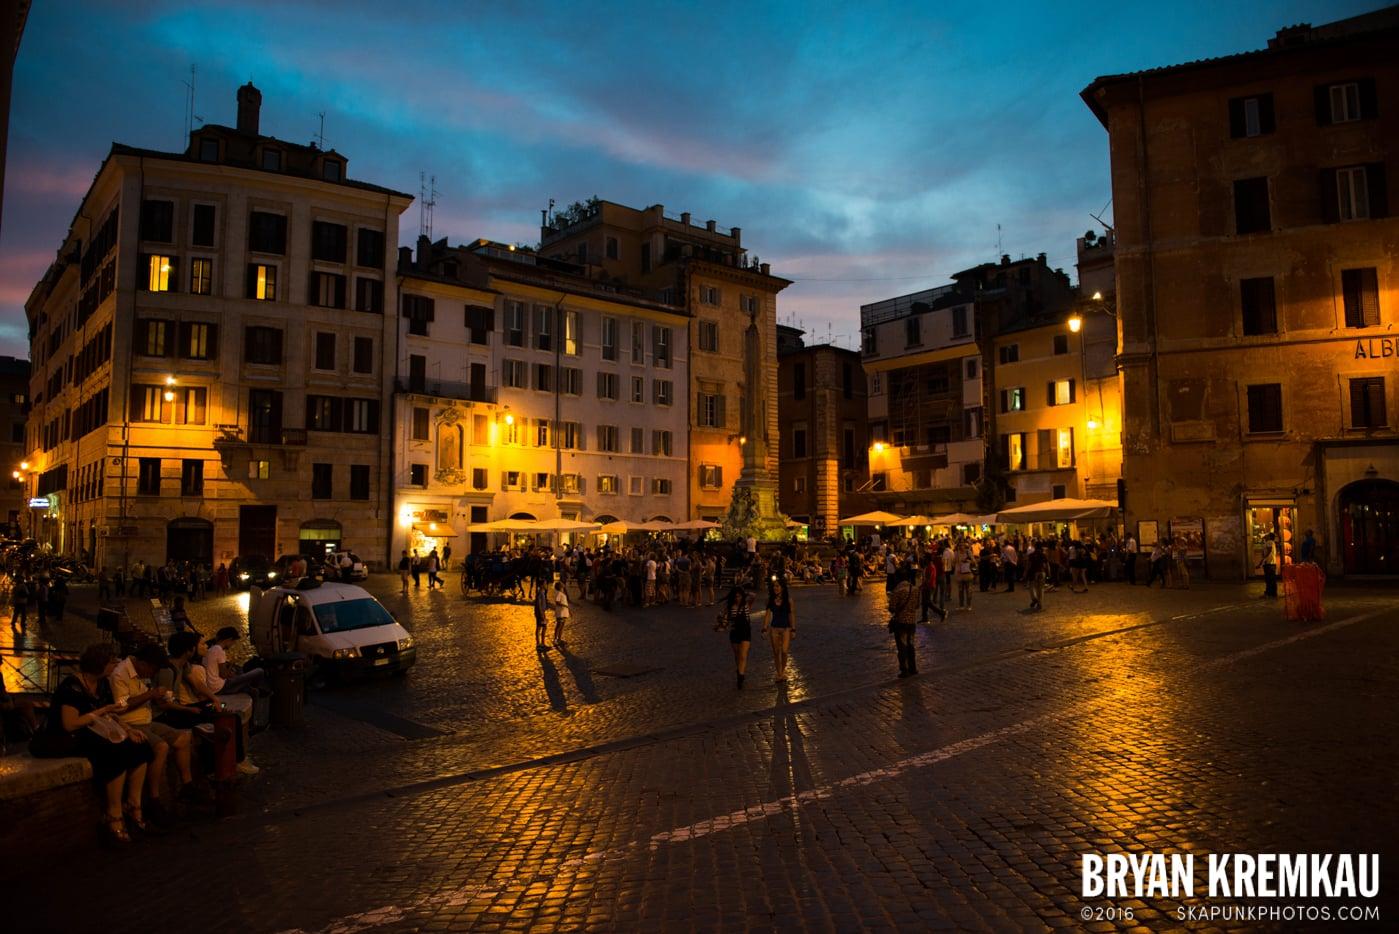 Italy Vacation - Day 1: Rome - 9.9.13 (26)